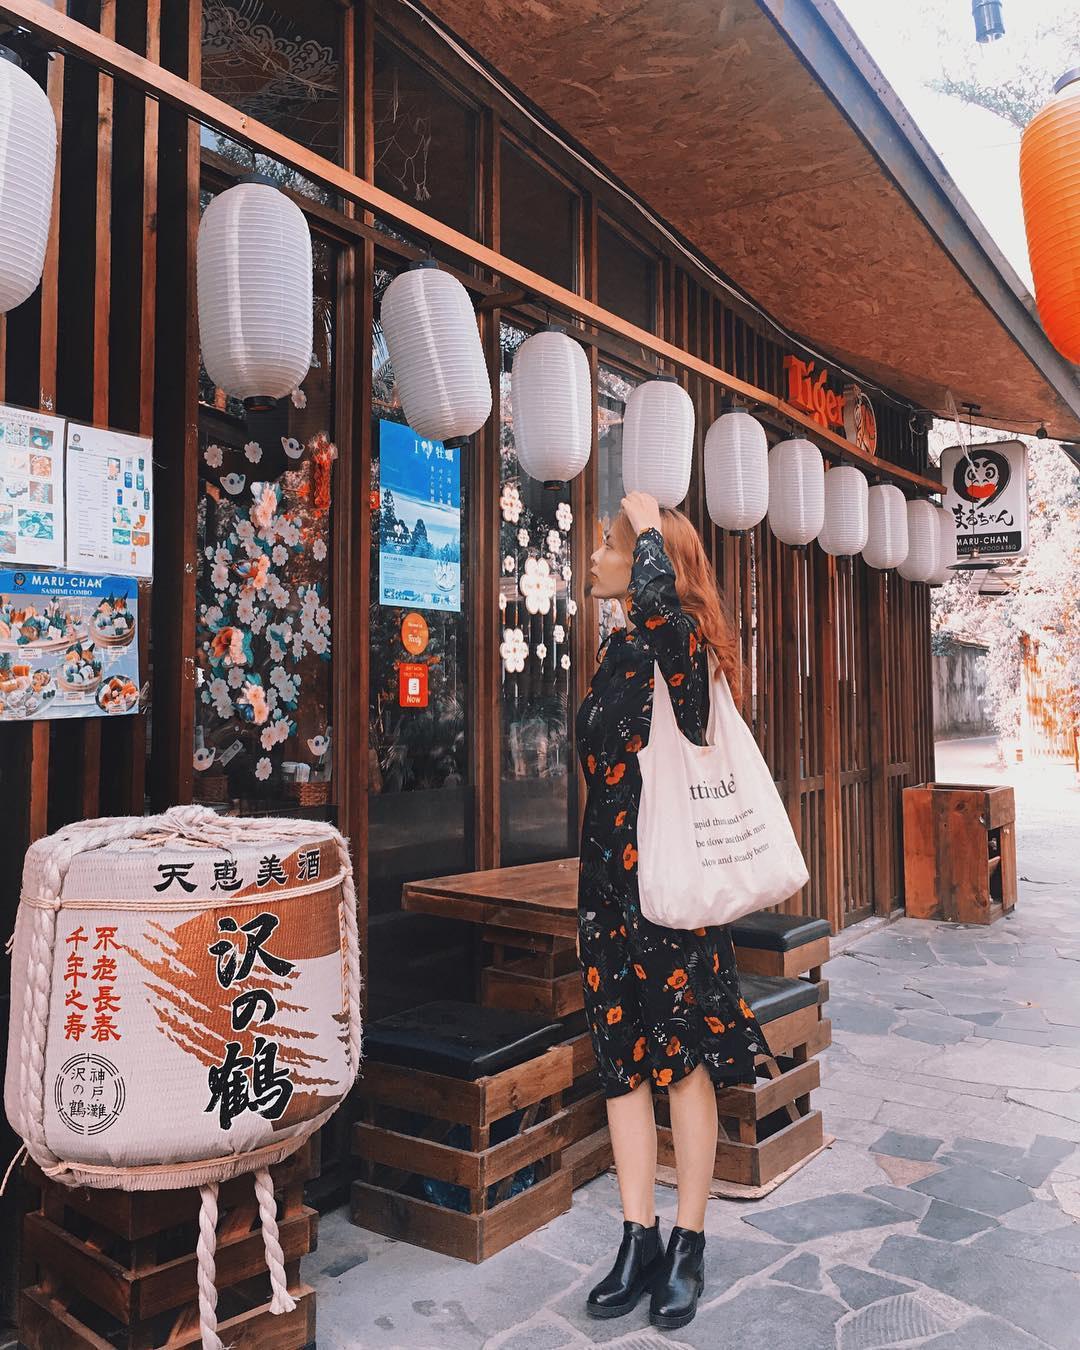 Khu Oishi Town với nhiều nhà hàng, quán ăn theo phong cách Nhật Bản. Hình: @bichhau.nbh